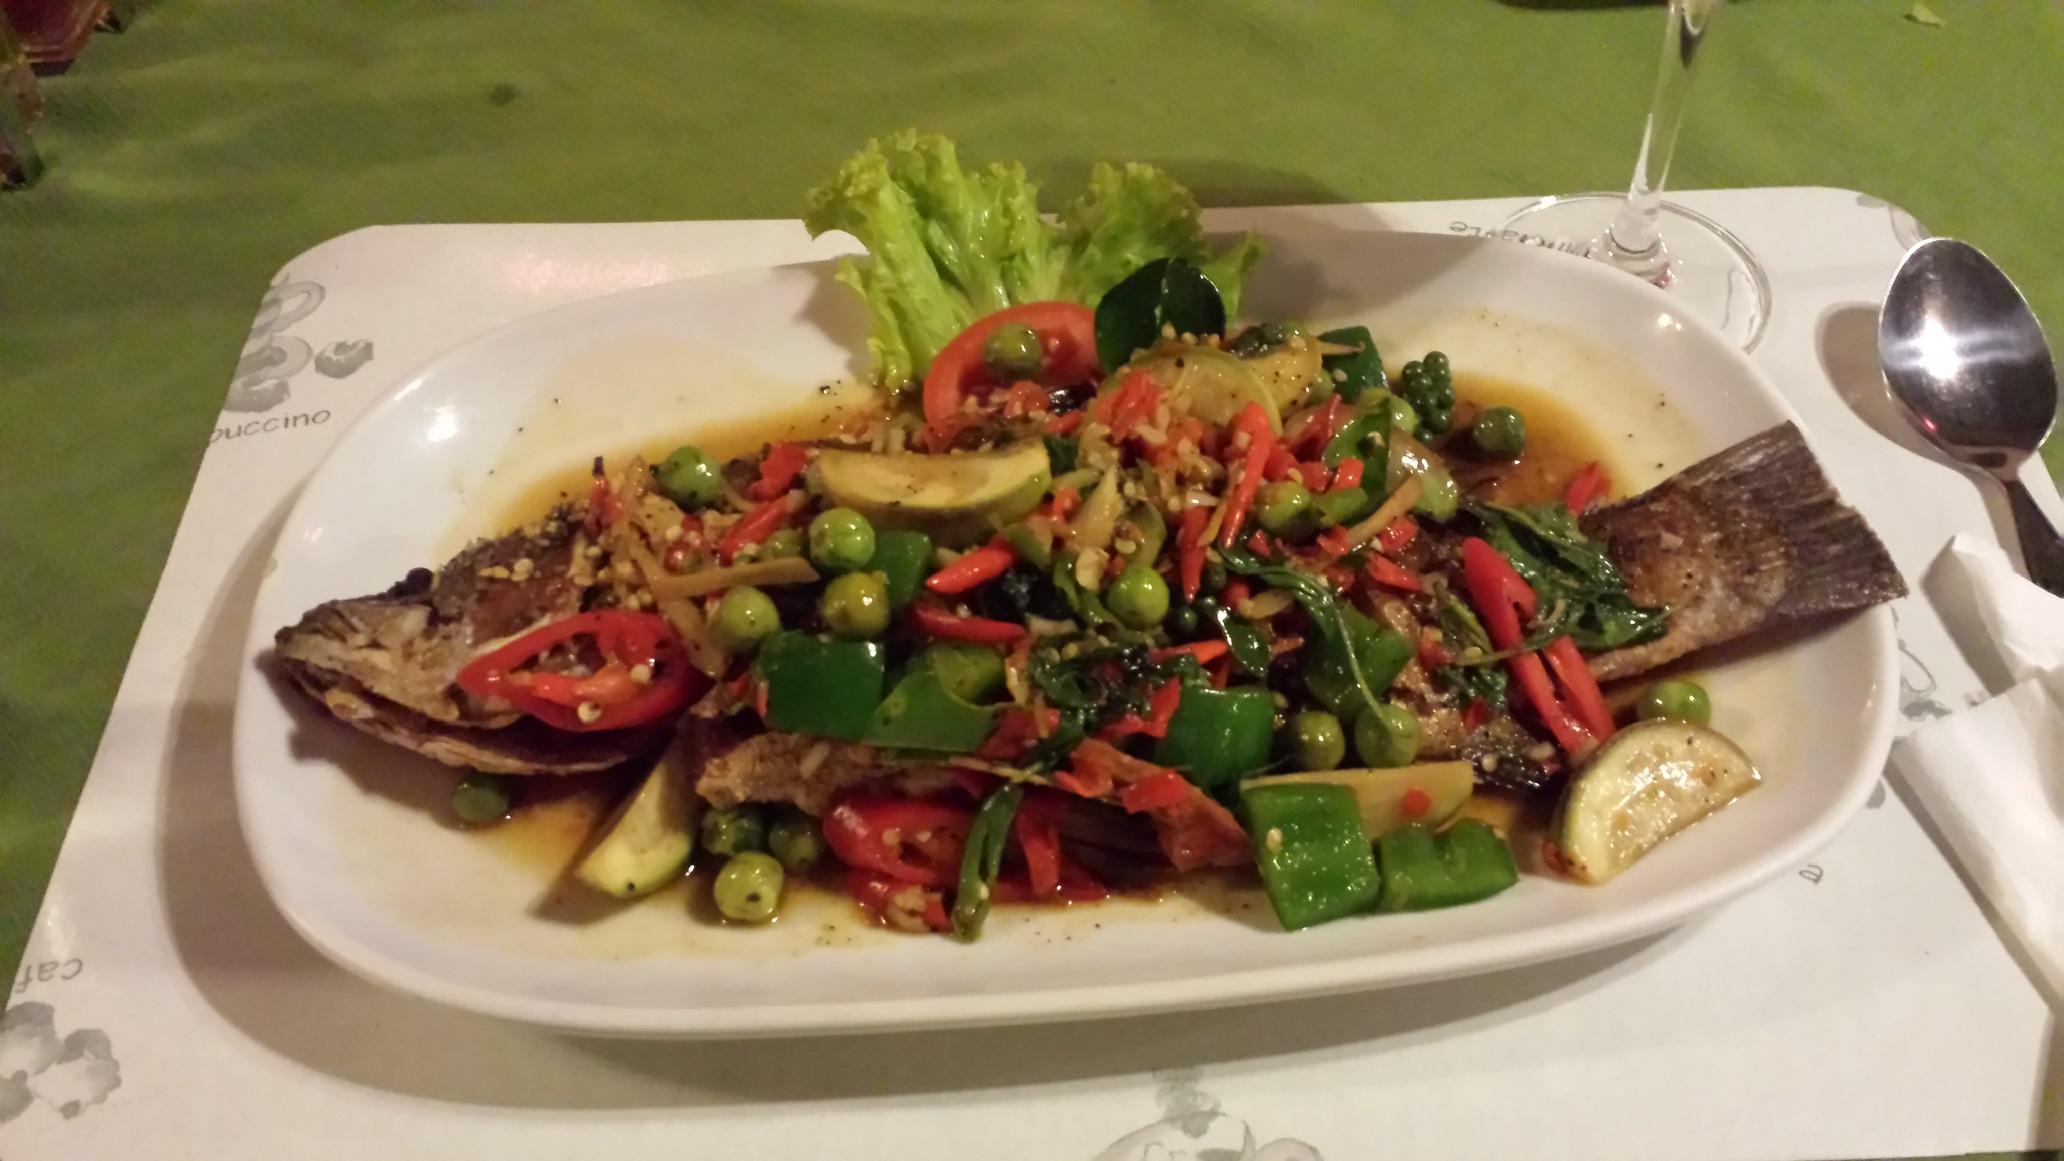 Raport_z_Tajlandii / food.jpg